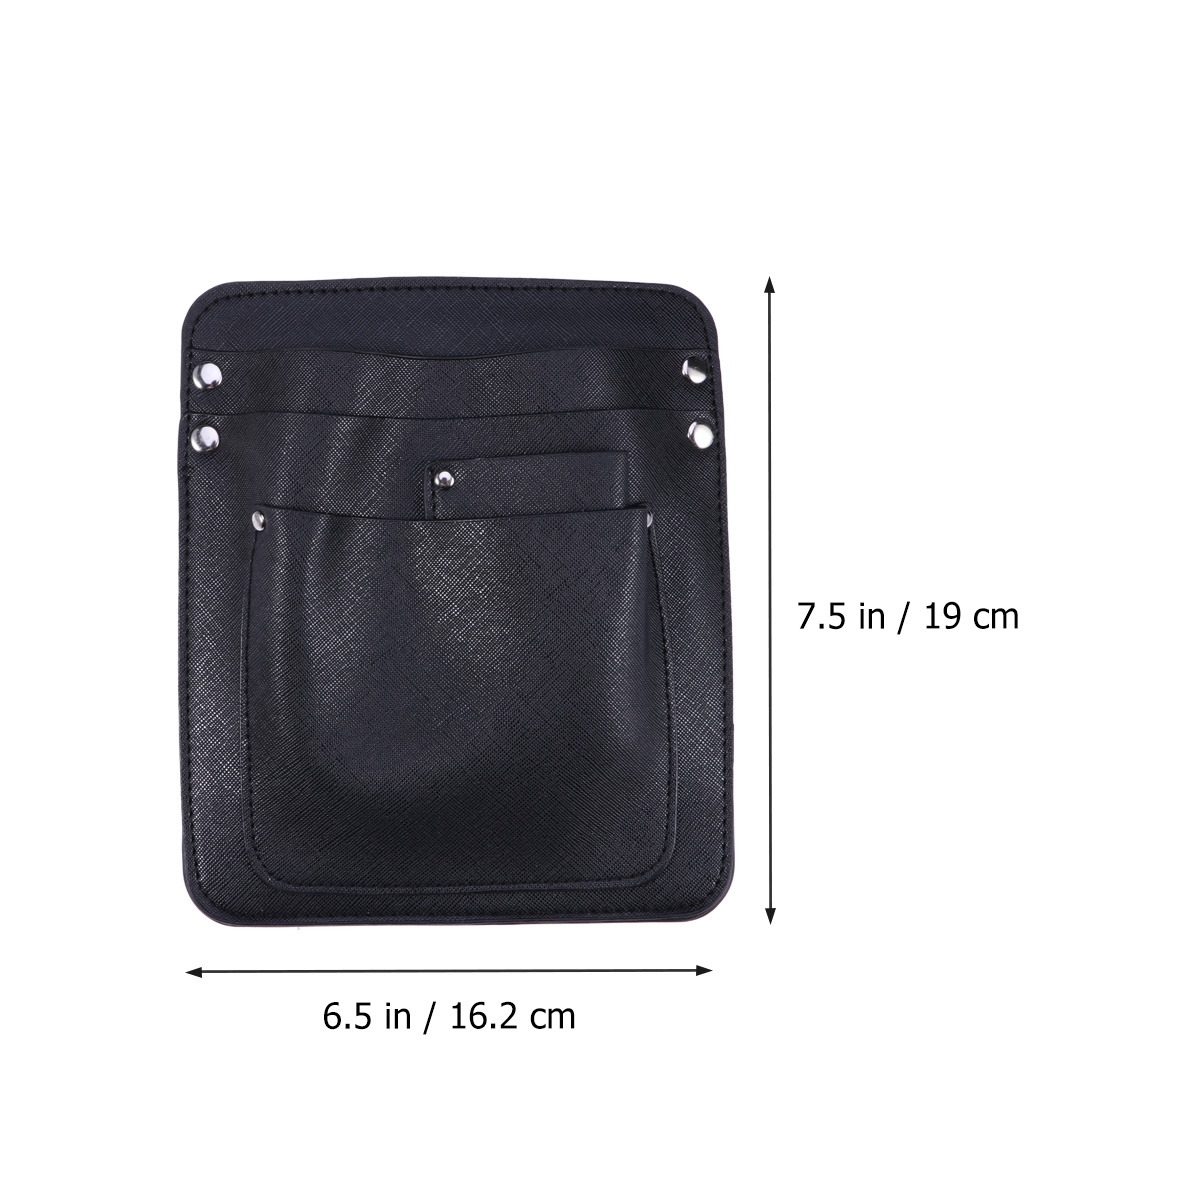 Piccolo Dei Disposizione nero Sacchetto Tools Fiori Dell'imbracatura Di Pelle In Del Rivetto Borsa tasca Multi Spalla La Per q4wORFqrxn